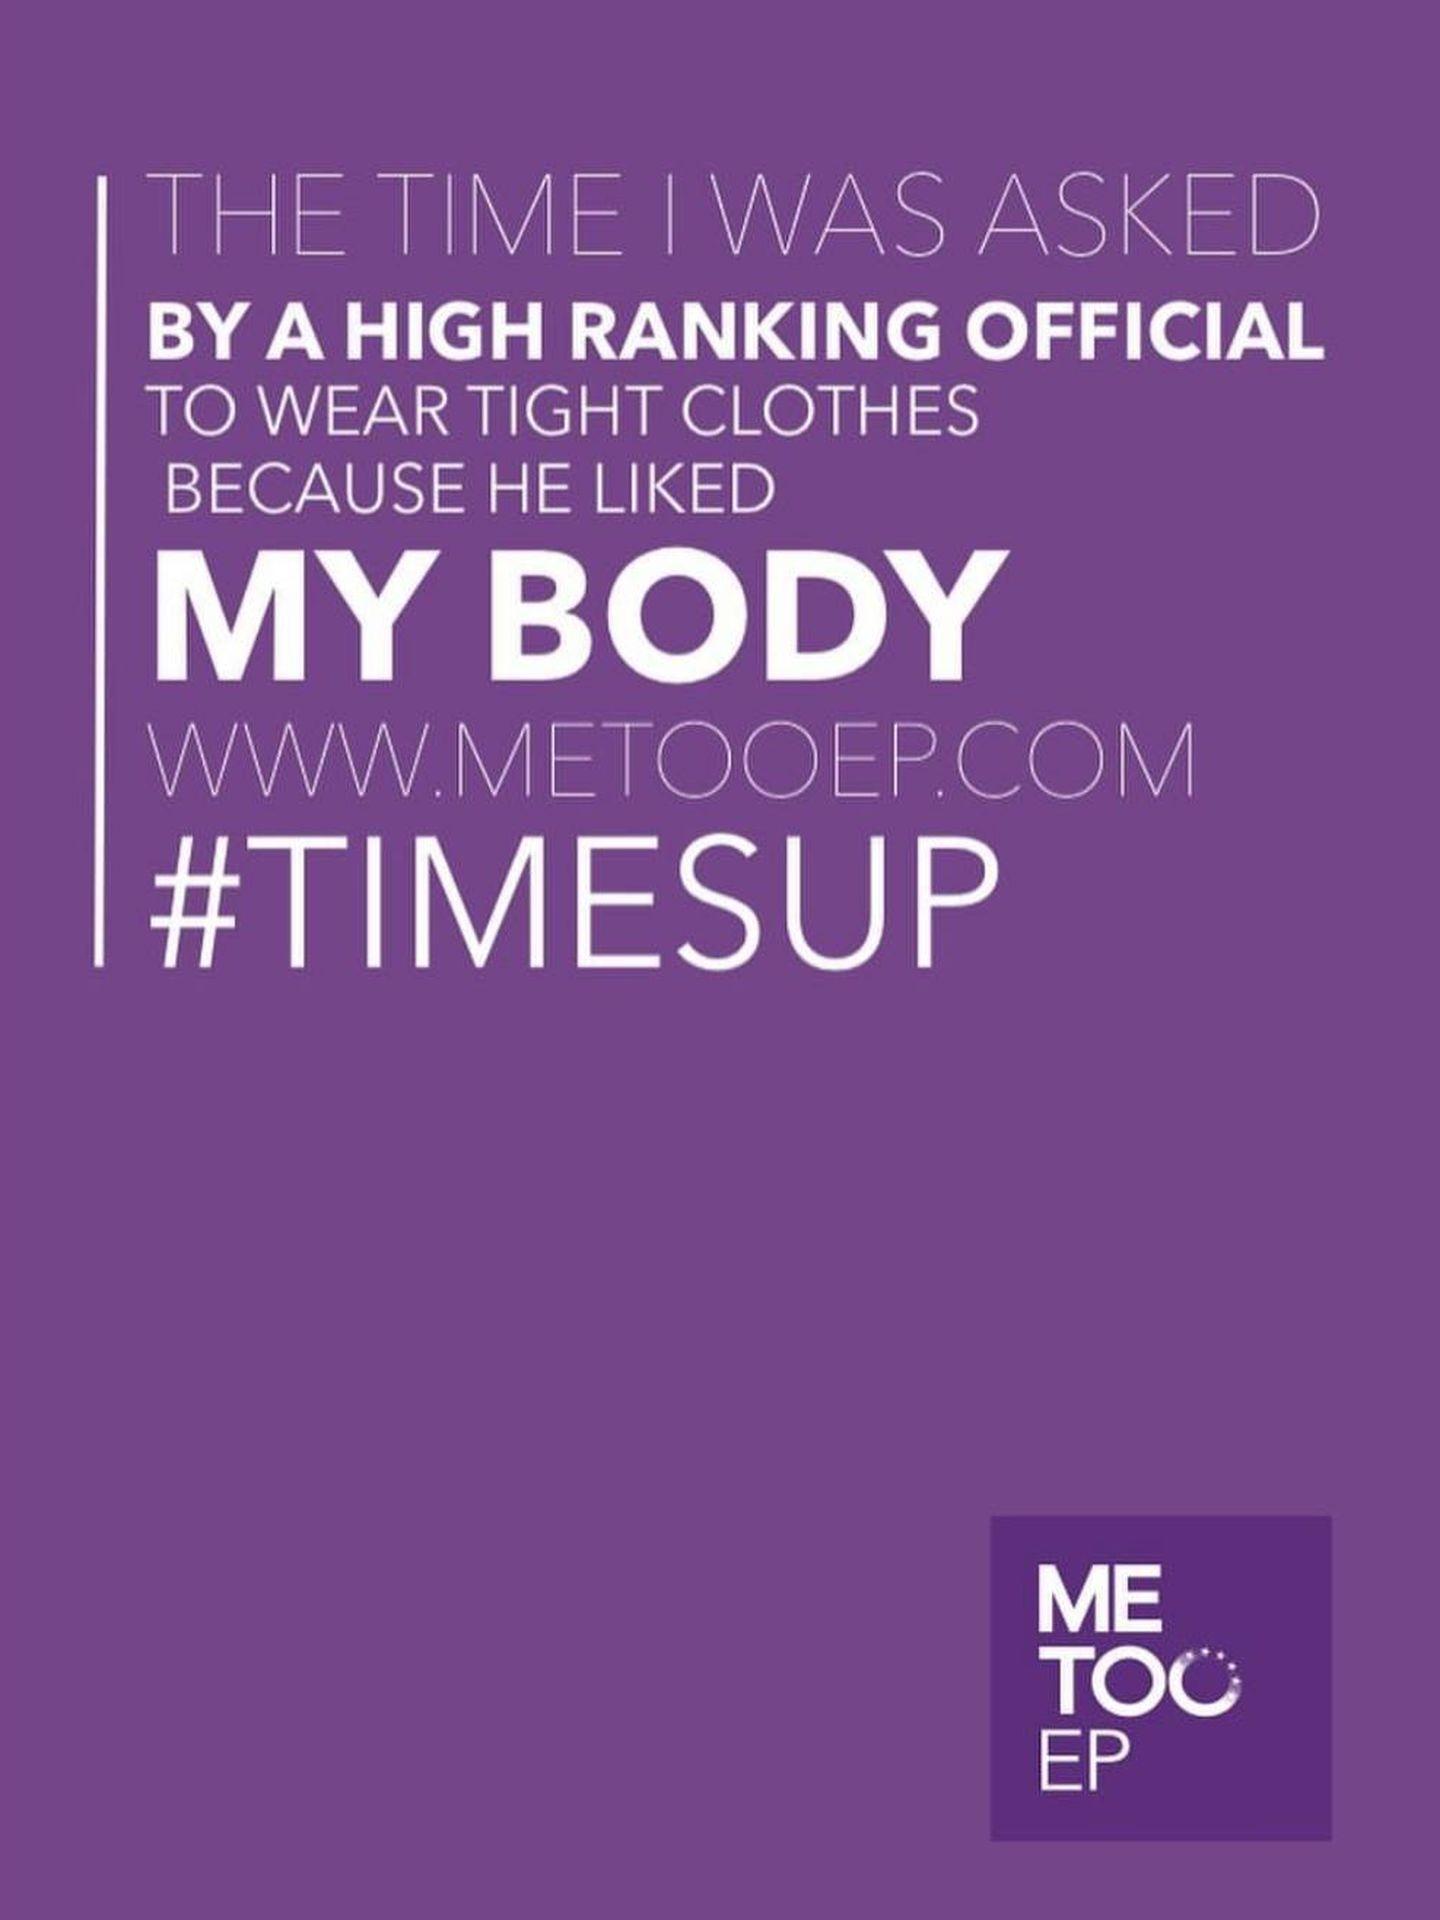 'Esa vez en la que un oficial de alto ranfo me pidió que llevara ropa ajustada porque le gustaba mi cuerpo', uno de los testimonios de #MeTooEP